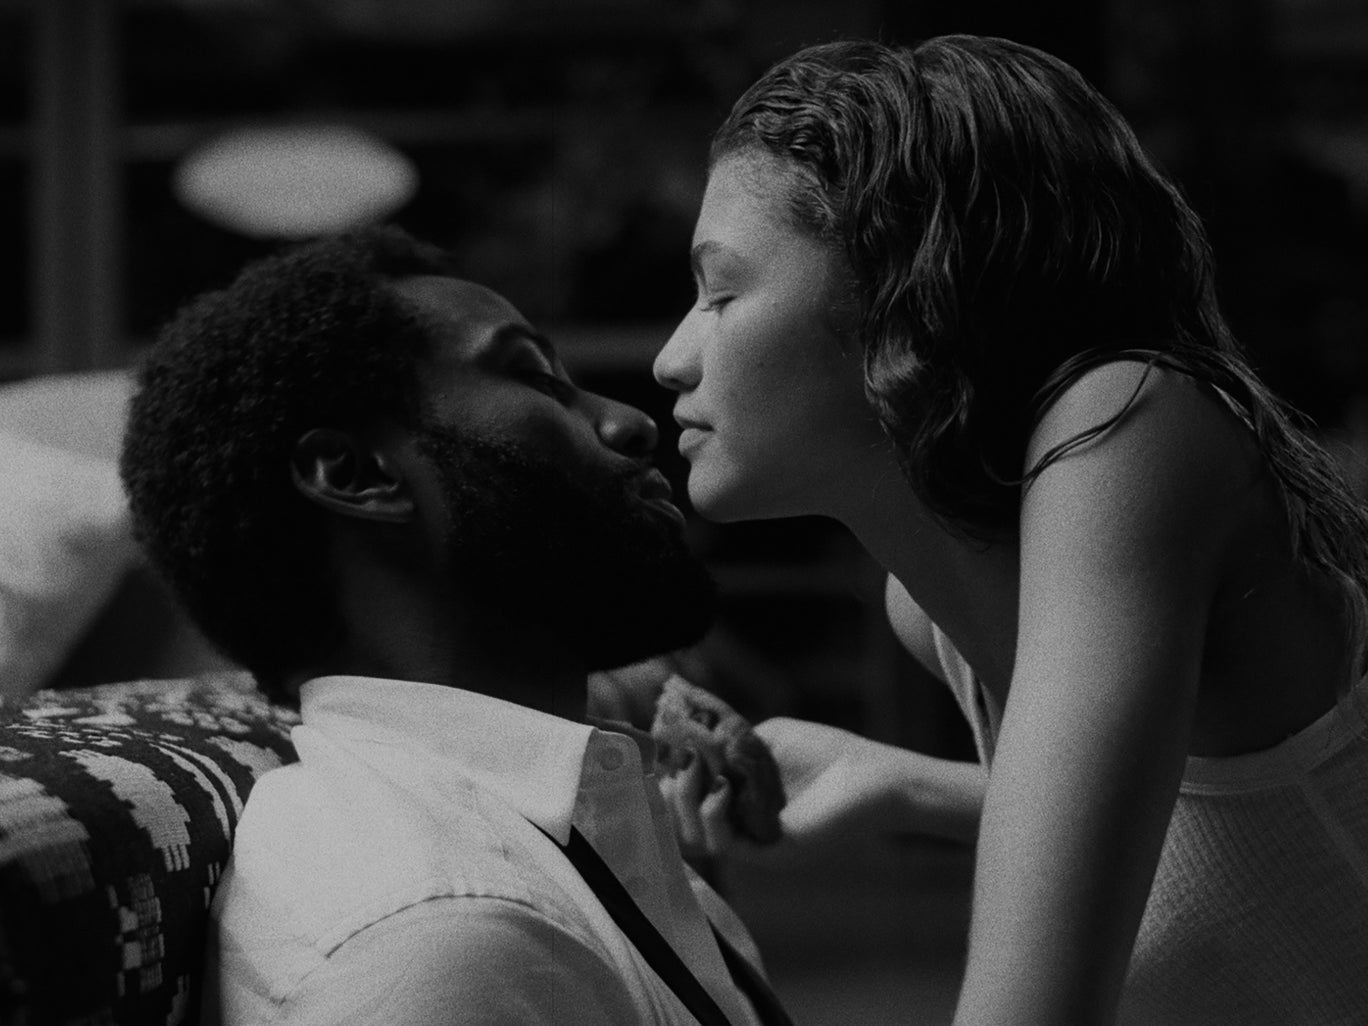 """جون دافيد واشنطن وزندايا في لقطة من فيلم """"مالكولم وماري"""" (نتفليكس)"""